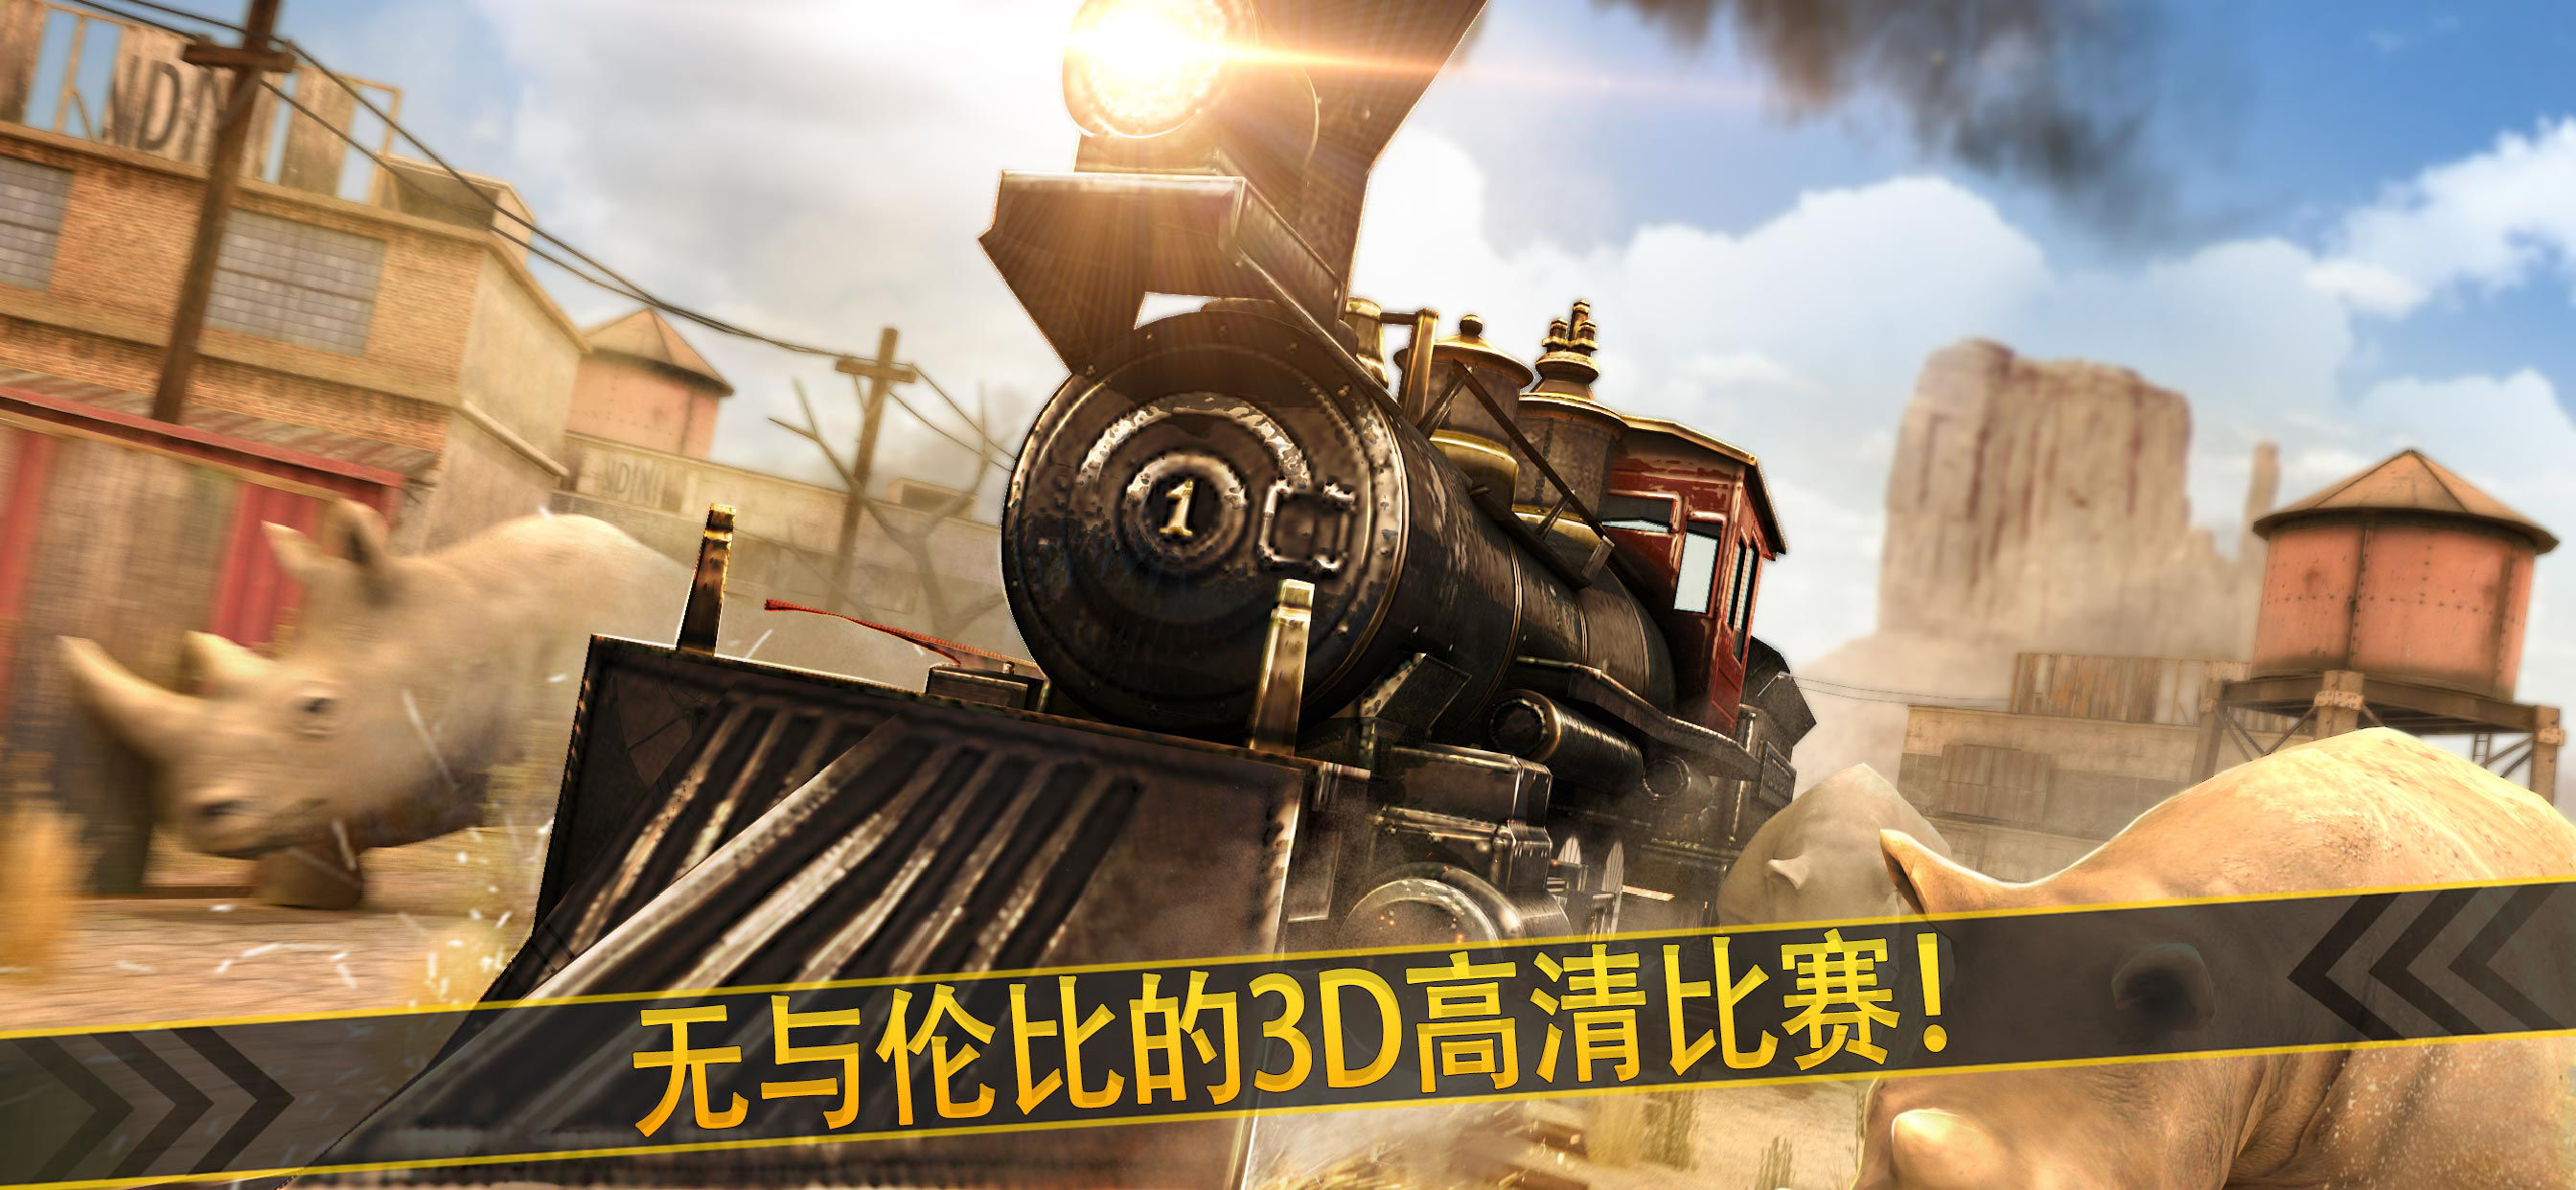 西方火车赛跑